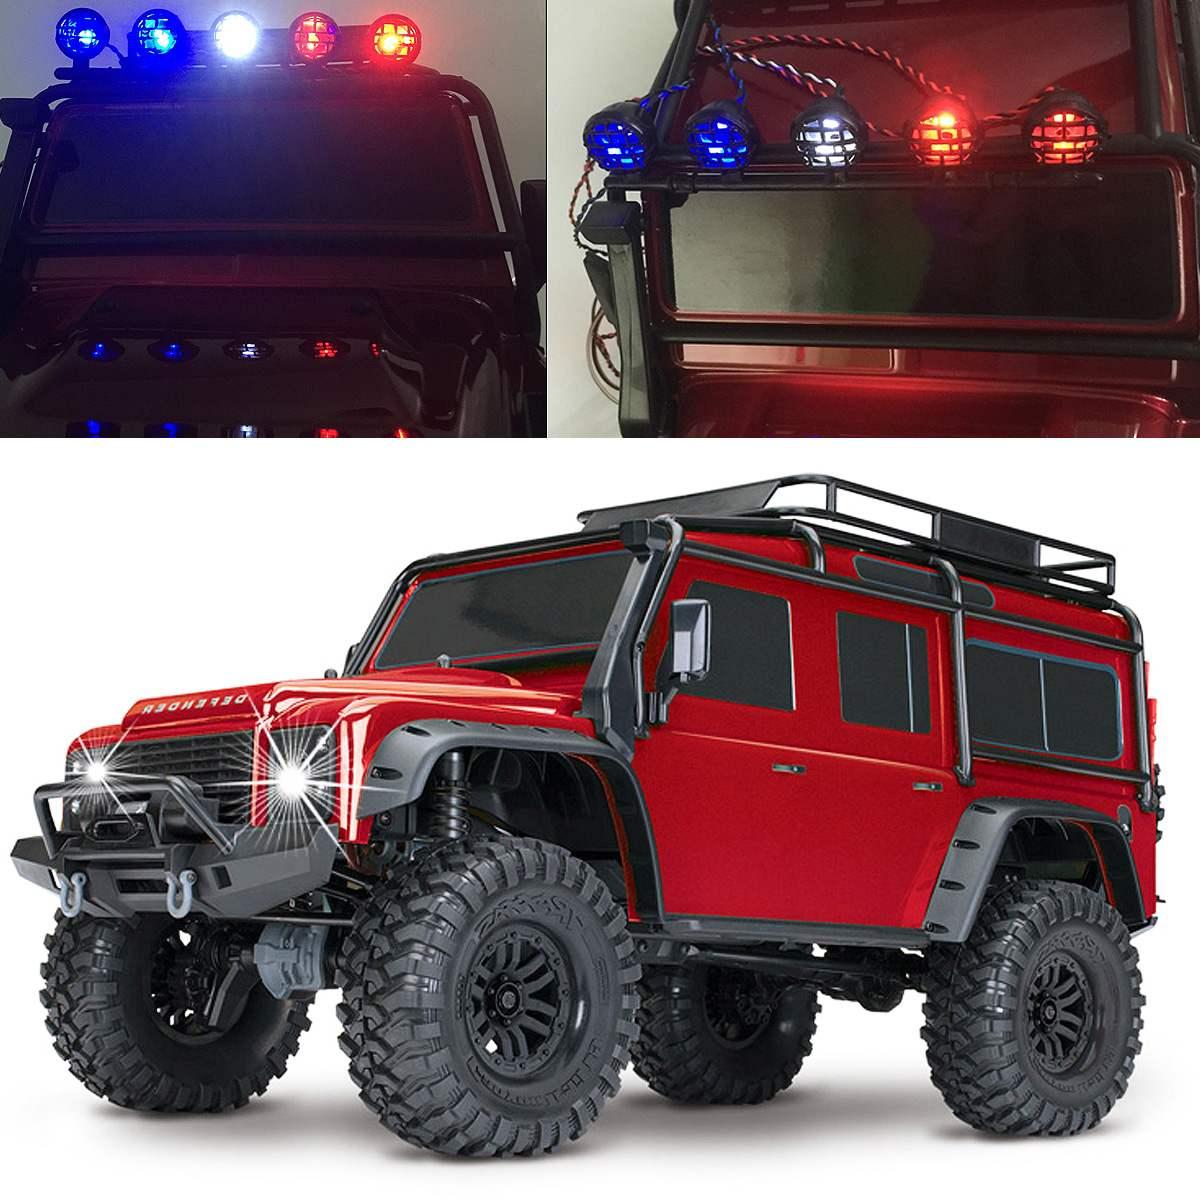 45 Uds. LED reflector delantero trasero de neumáticos luz de techo IC grupo de lámpara para Trx4 - 6